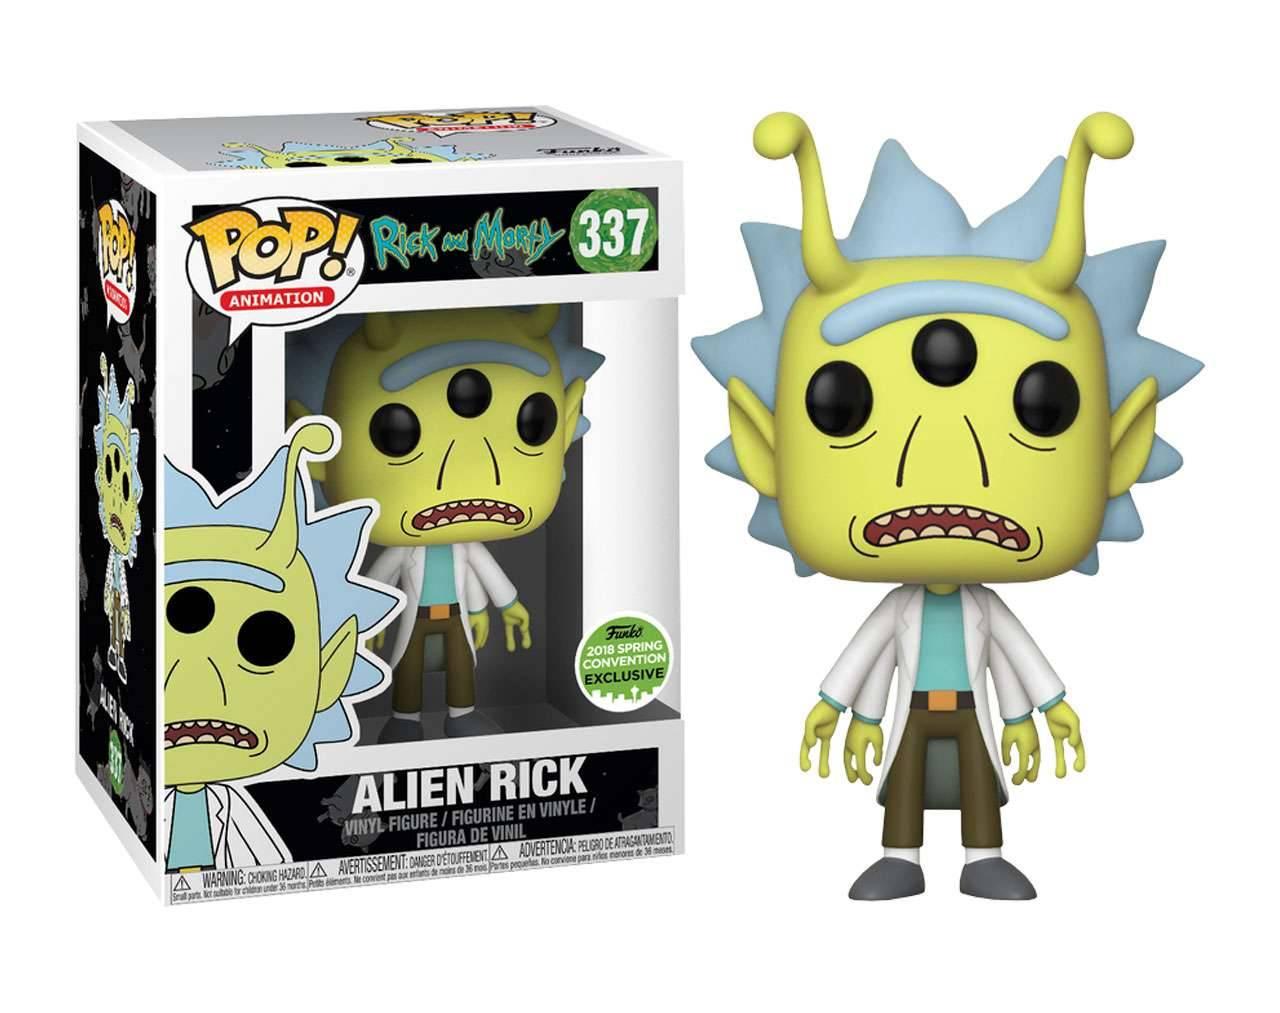 Alien Rick (ECCC 2018) Pop! Vinyl